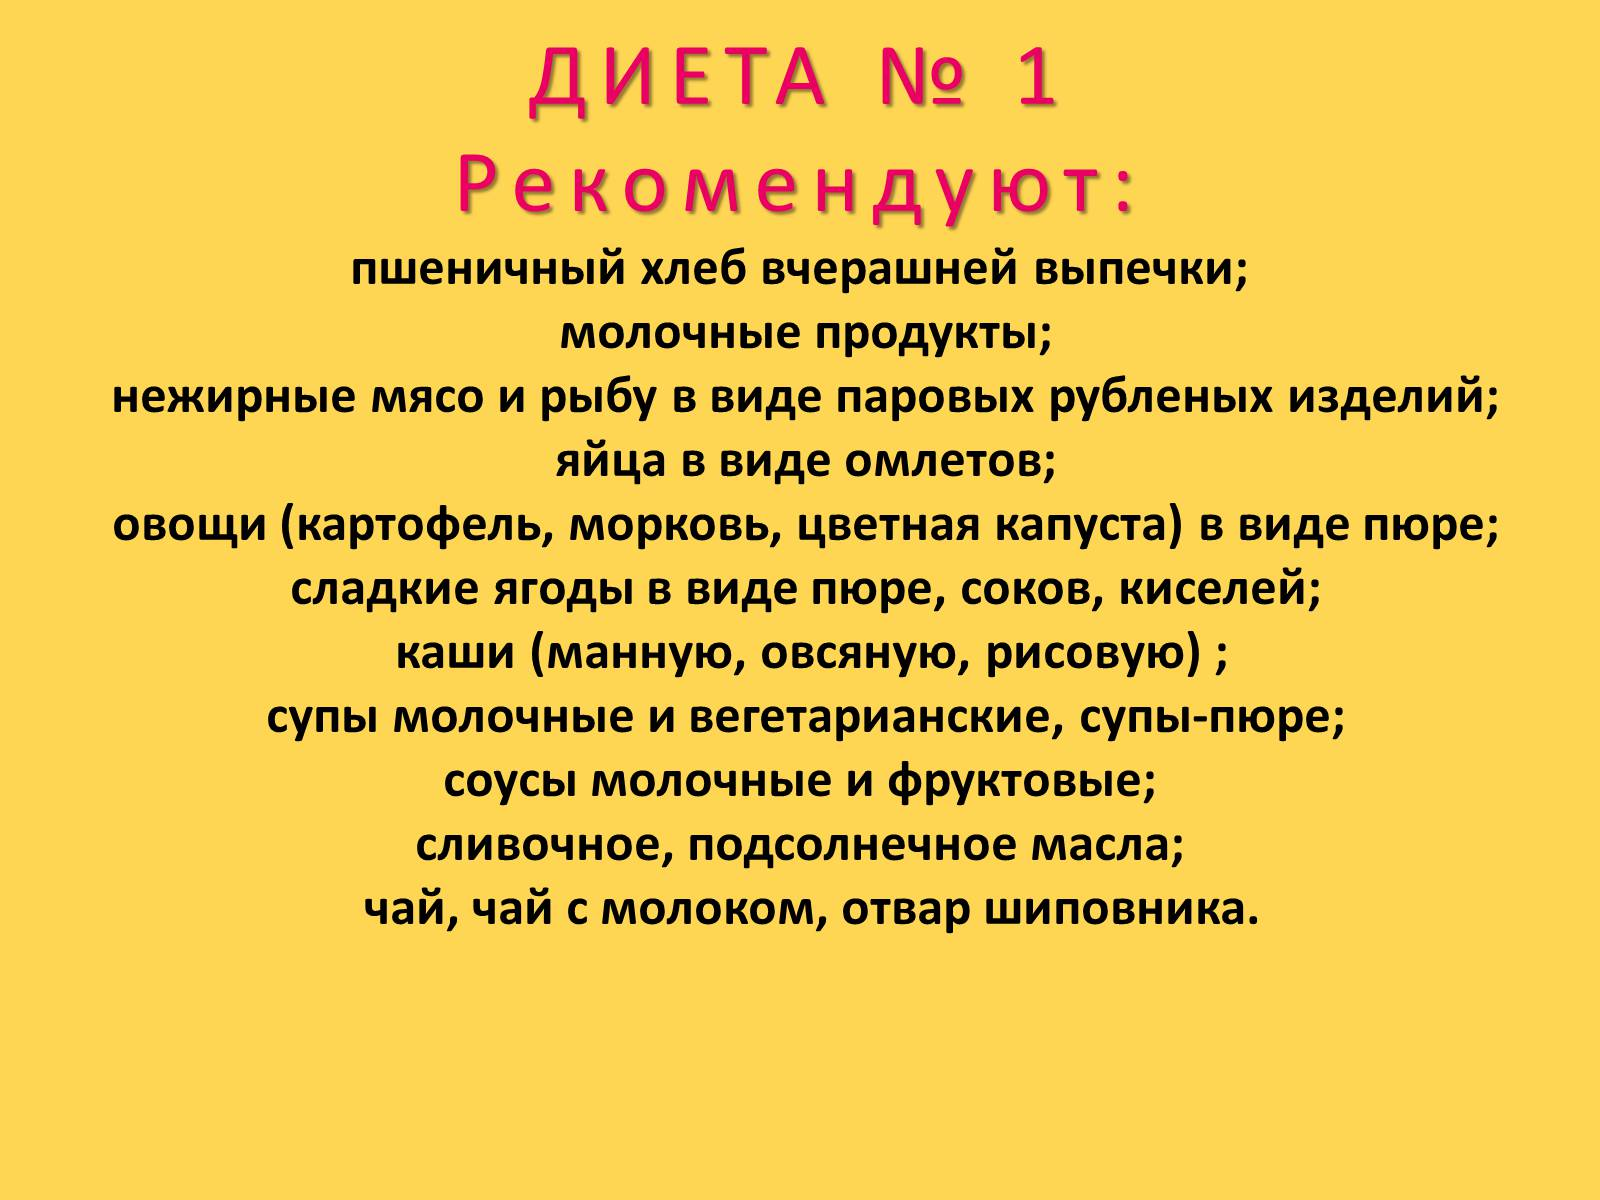 Лечебная Диета 1.